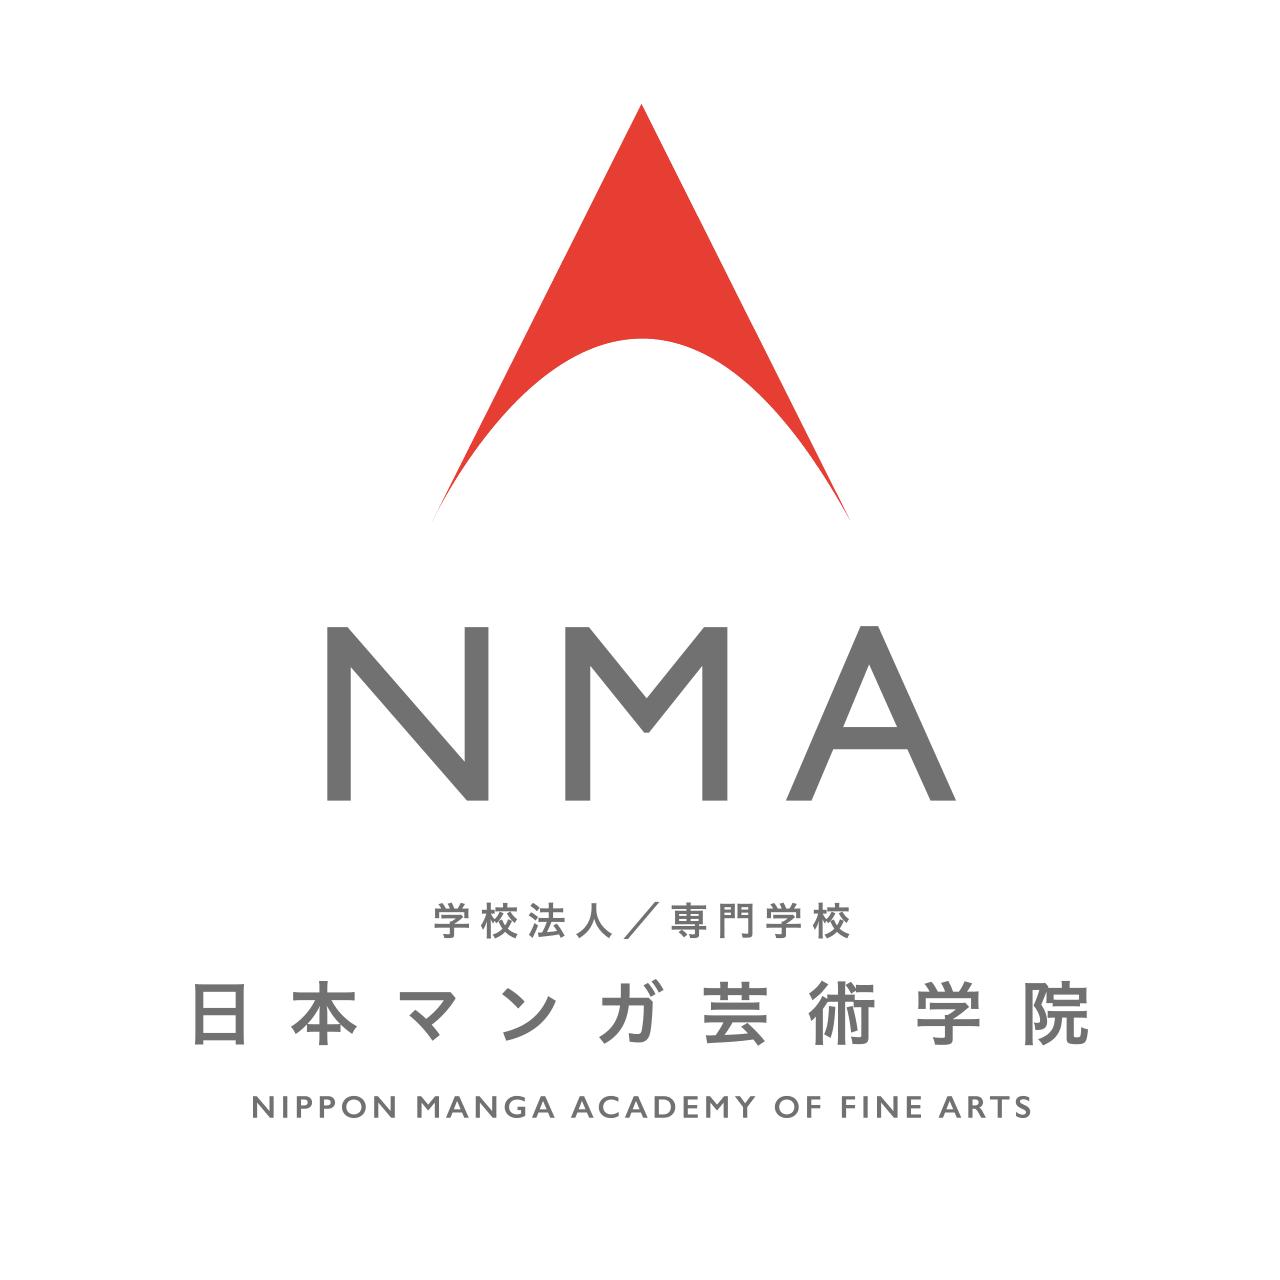 日本マンガ芸術学院